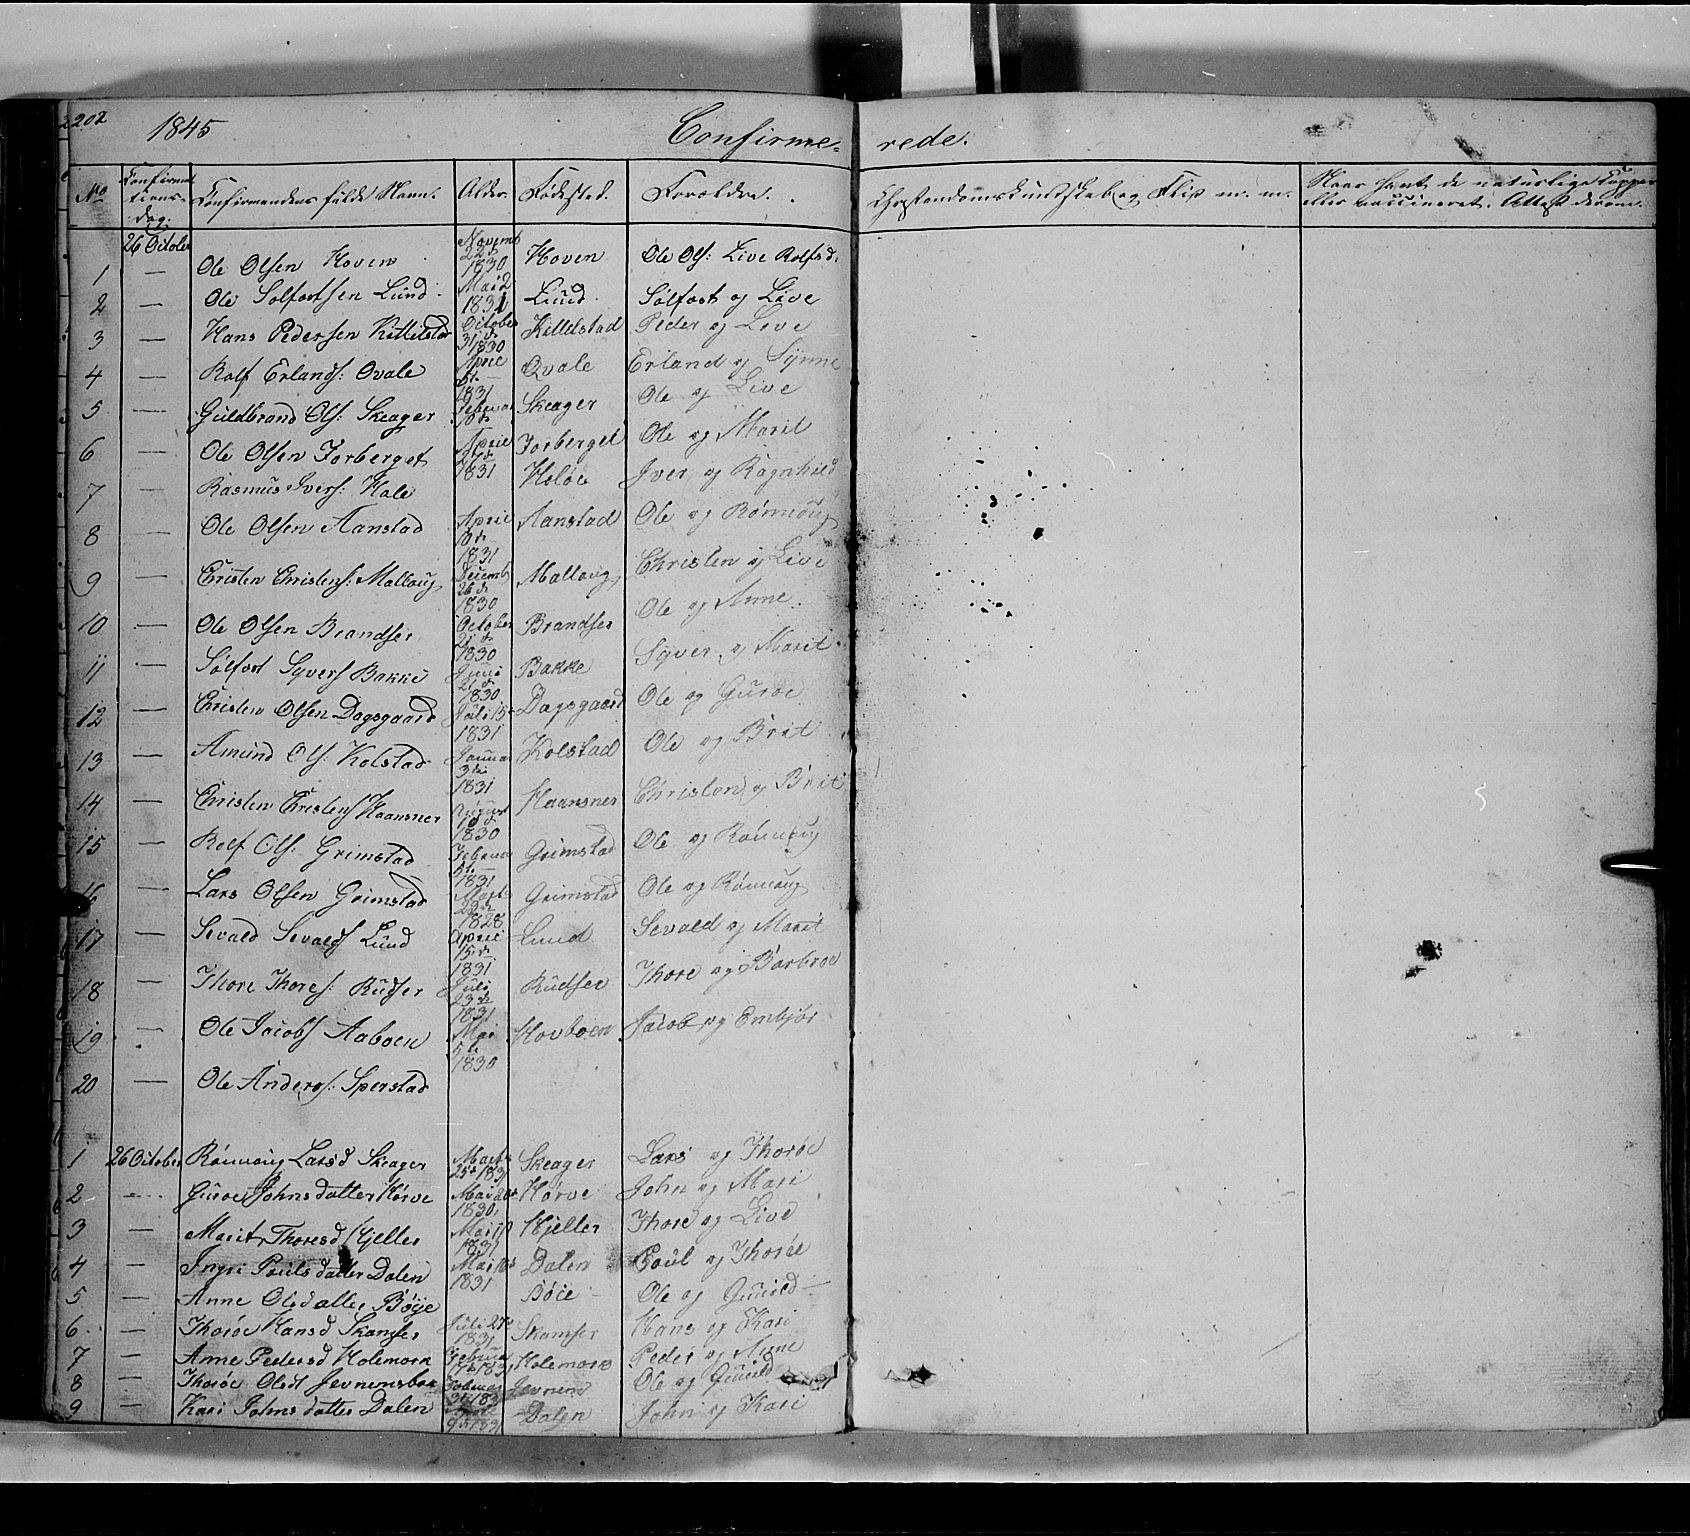 SAH, Lom prestekontor, L/L0004: Klokkerbok nr. 4, 1845-1864, s. 202-203